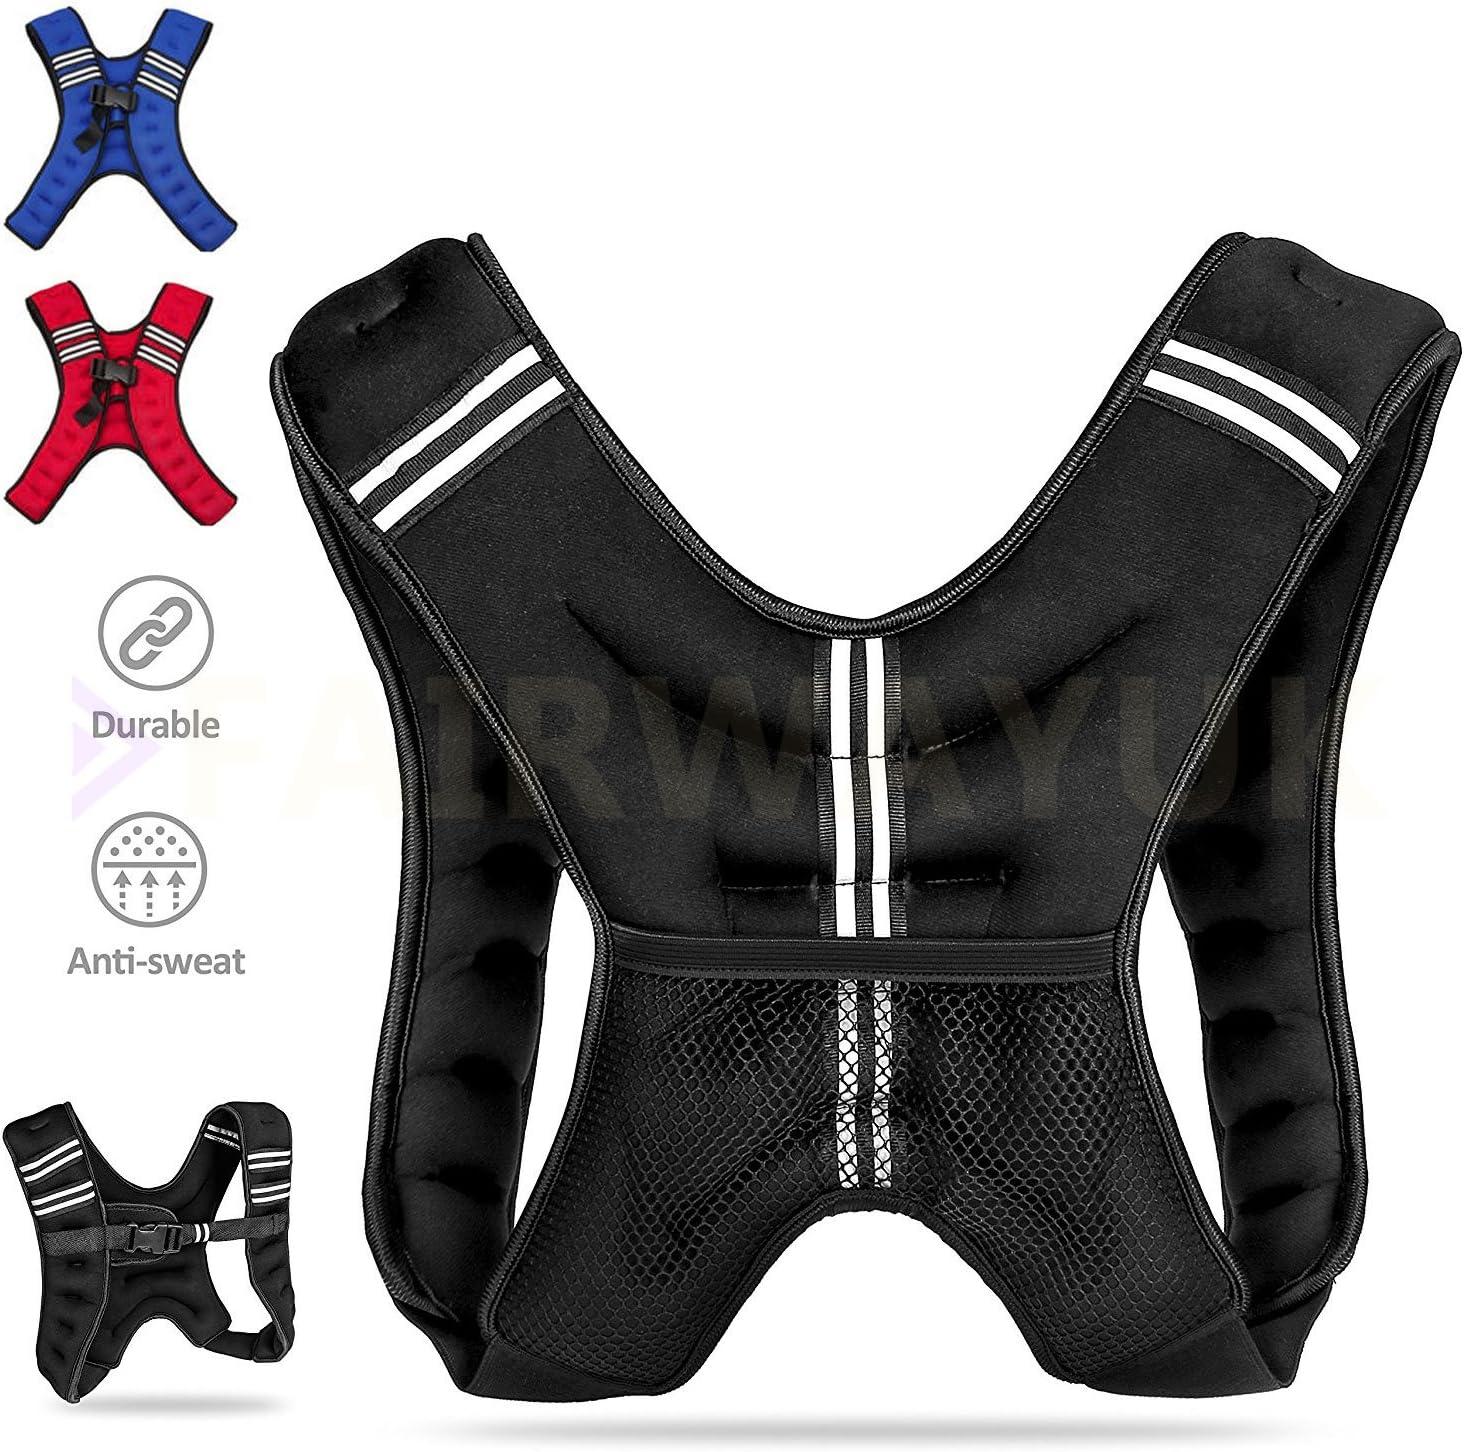 Gewichtsverlust und Laufen Xpccj Gewichtsweste St/ärke Gewichtsweste mit Stahlplatte f/ür Fitness-/Übungen verstellbare Gewichtsweste